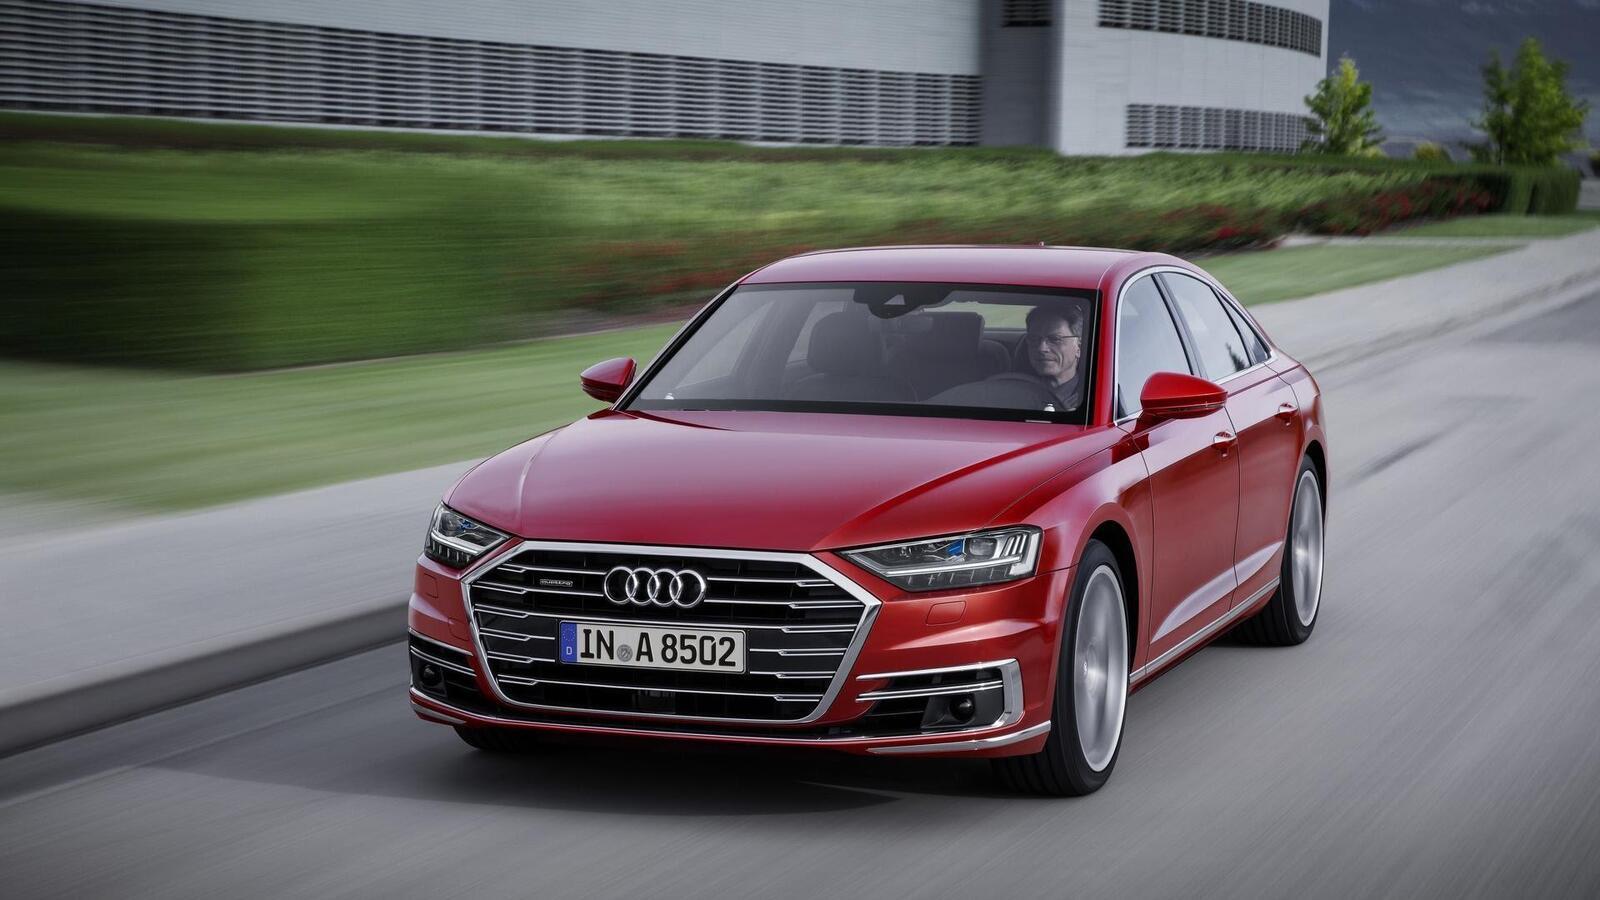 Audi thêm một số trang bị cho A8 2018 - Hình 25